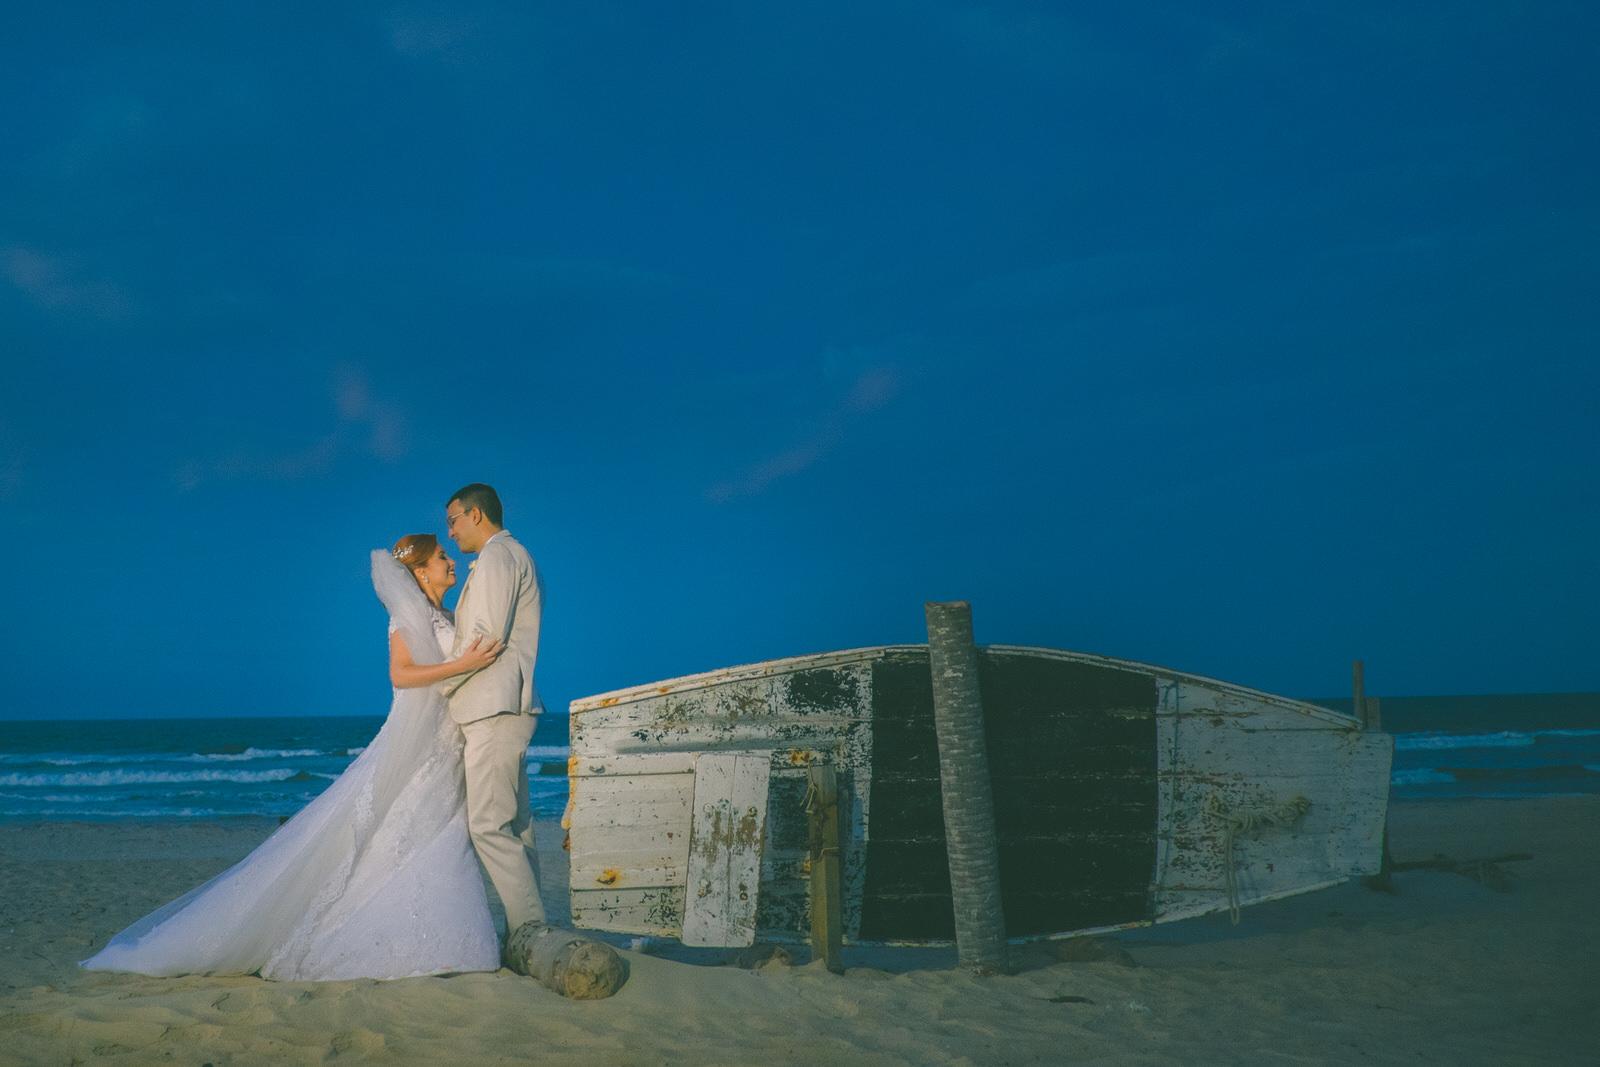 casamento-em-barraca-solarium-praia-do-futuro-10